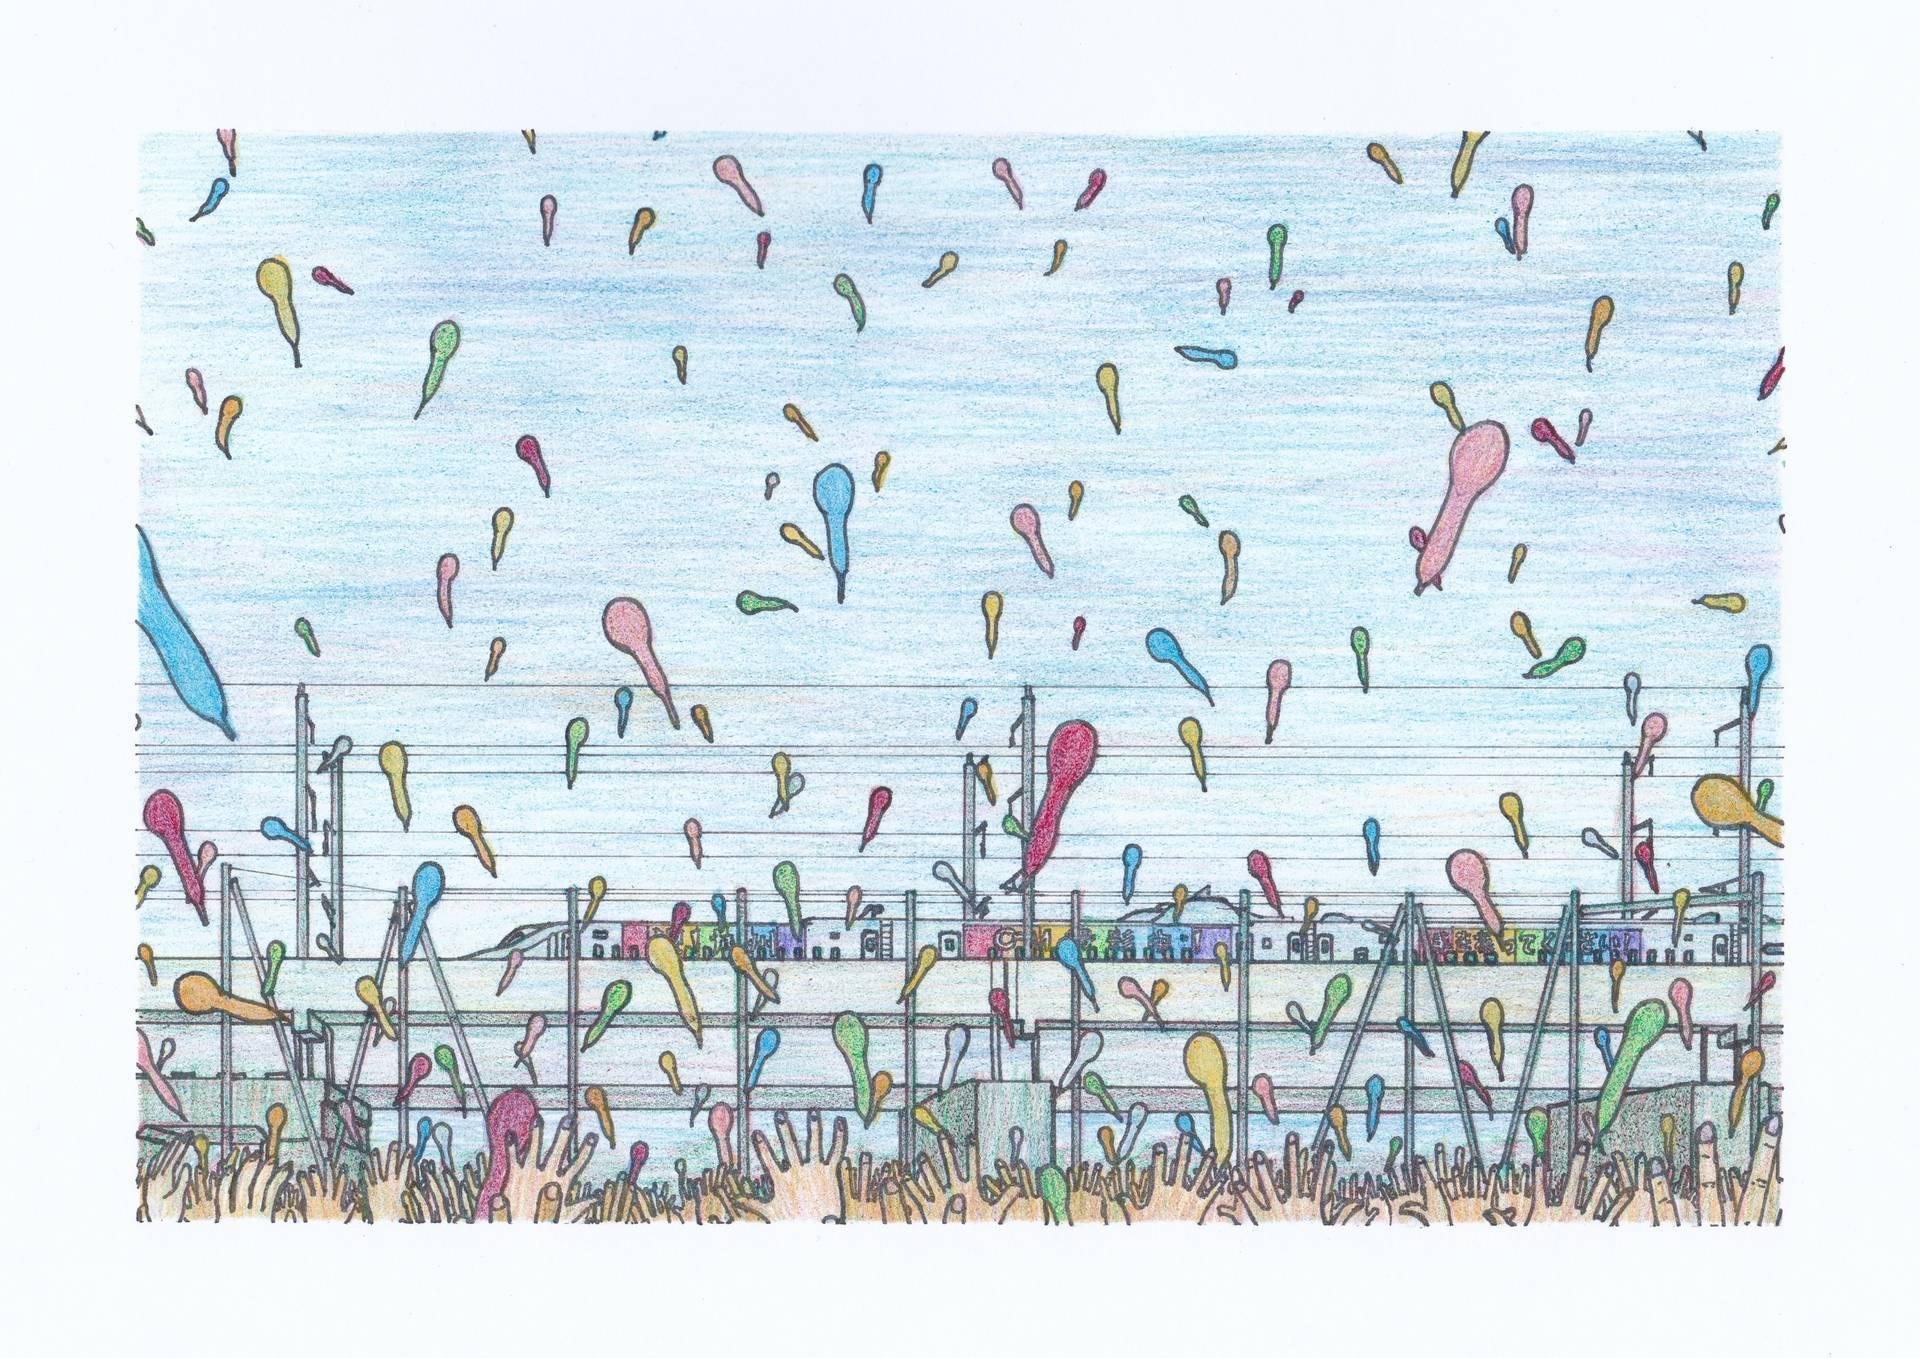 ジェット風船で歓迎される、九州新幹線のイラスト